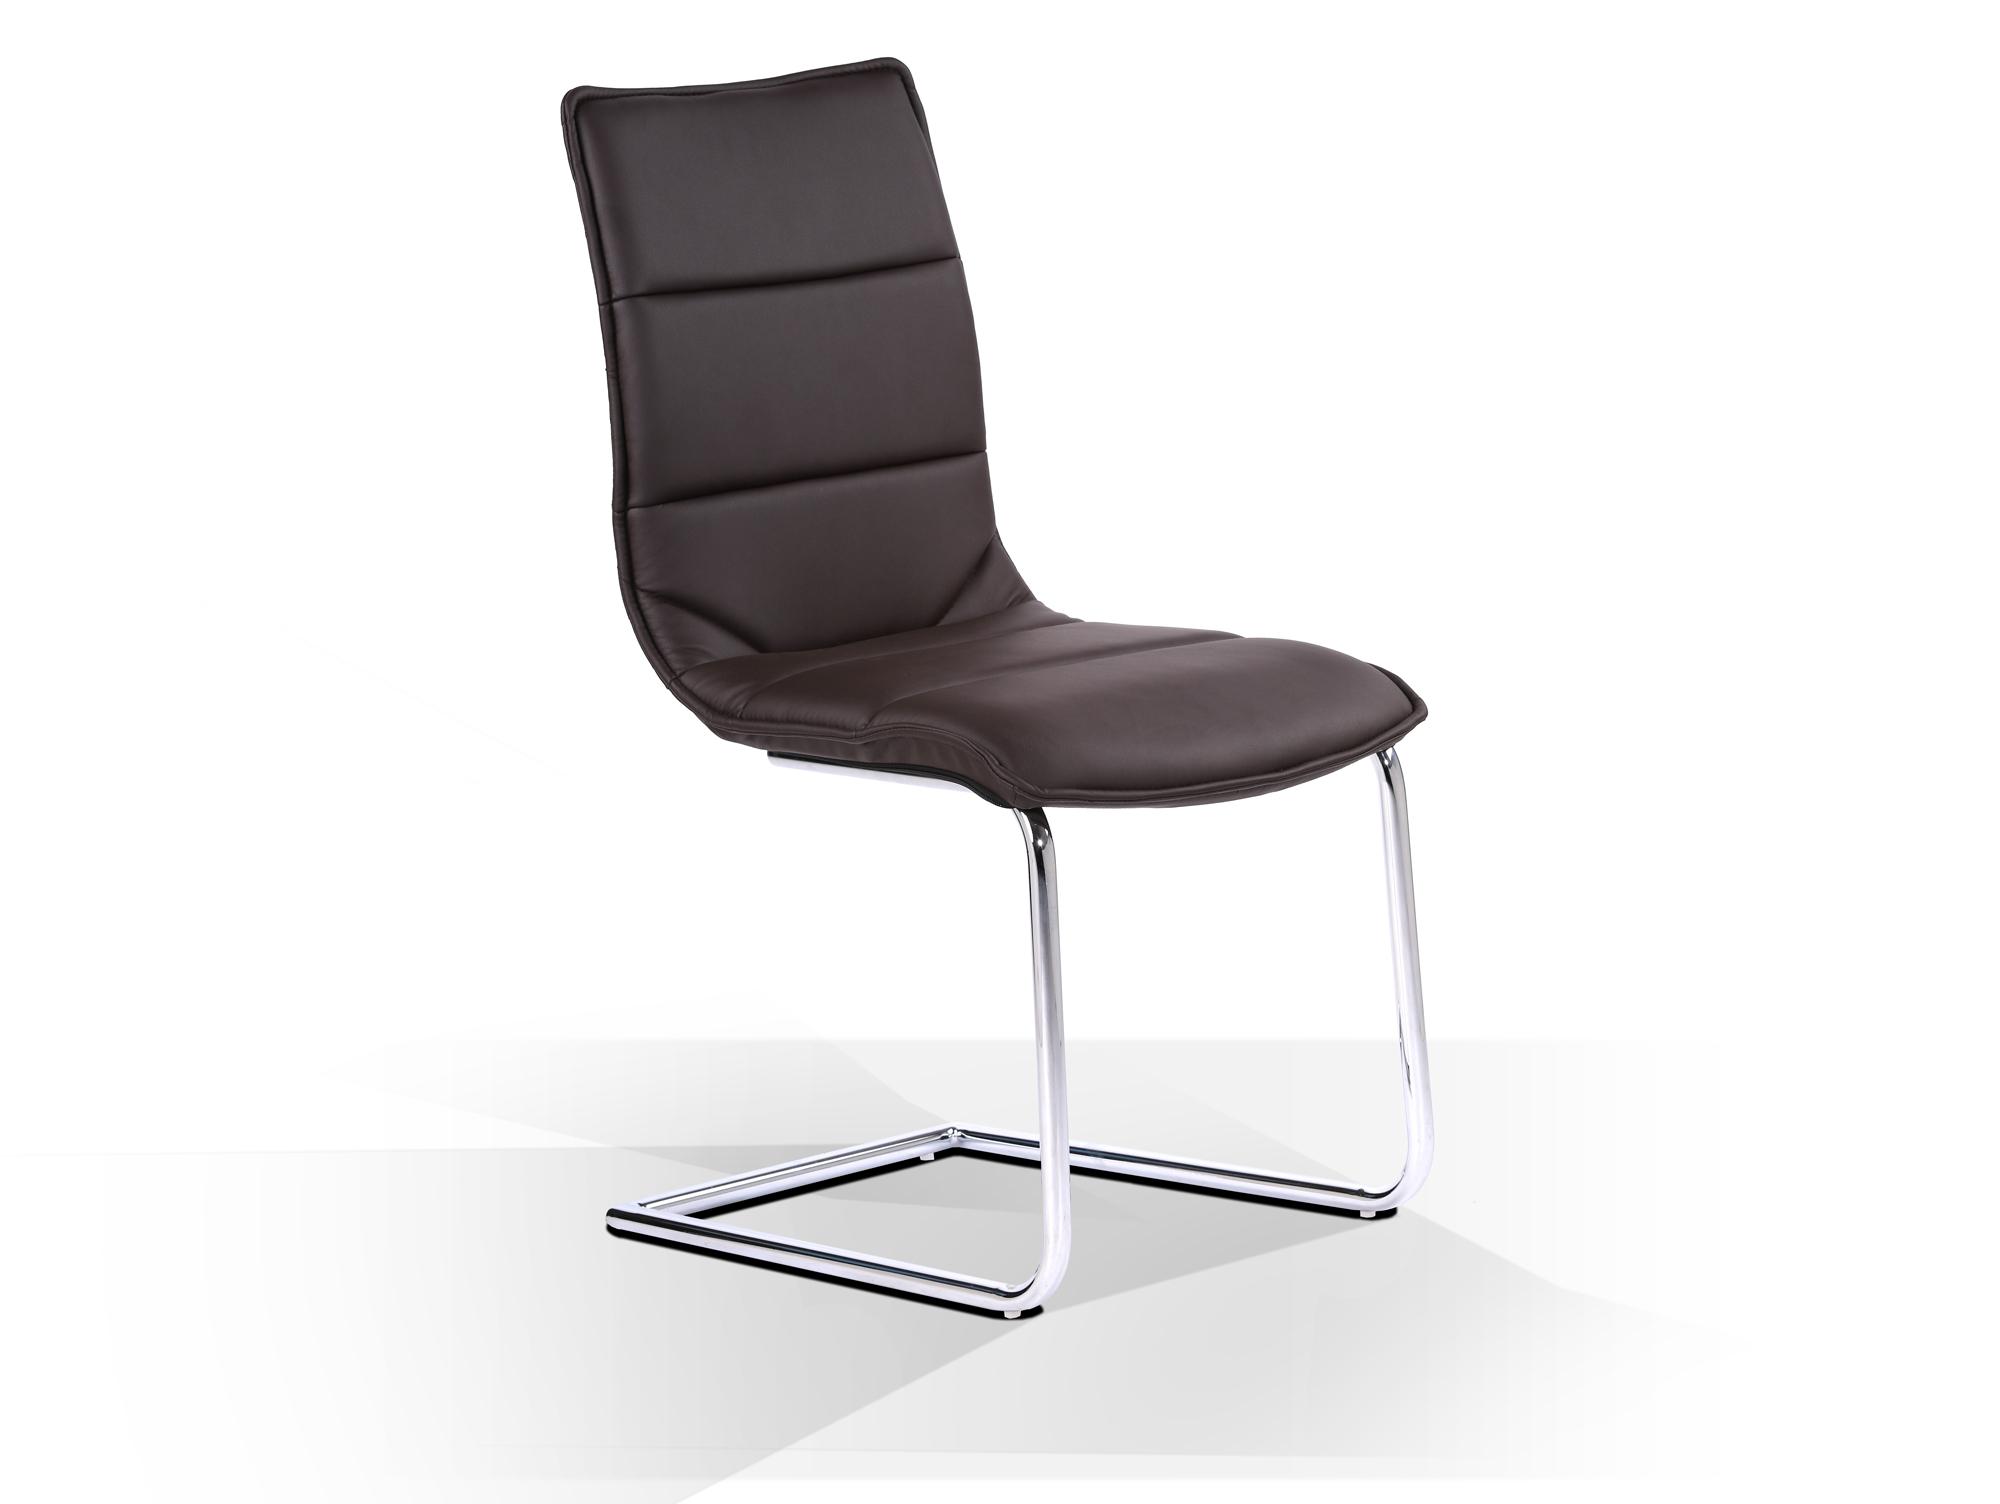 milano freischwinger kunstlederbezug braun. Black Bedroom Furniture Sets. Home Design Ideas